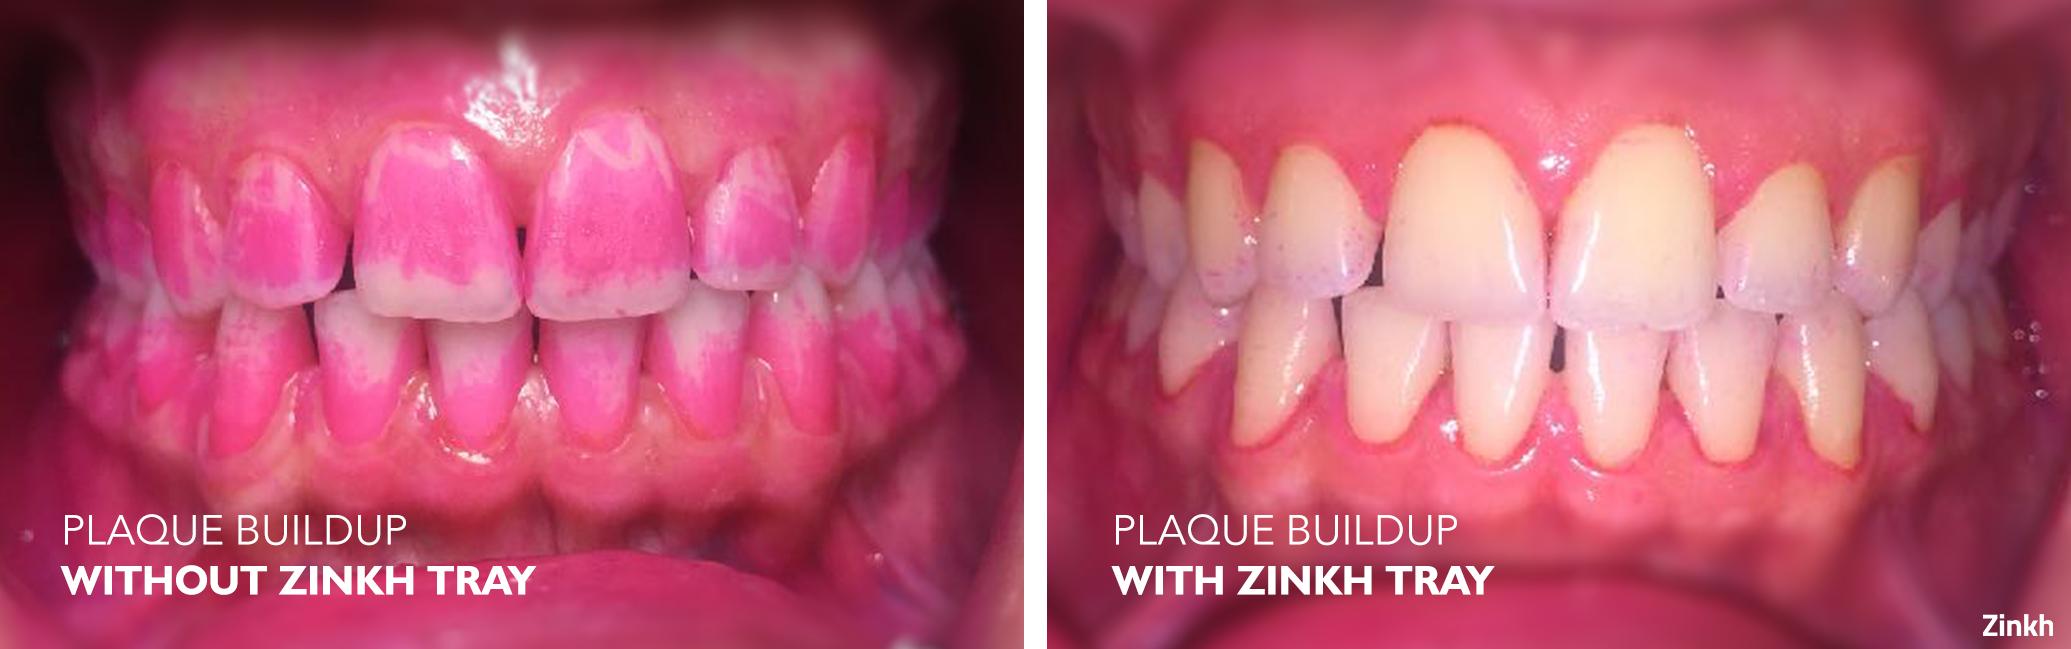 Zinkh-patient-B.png